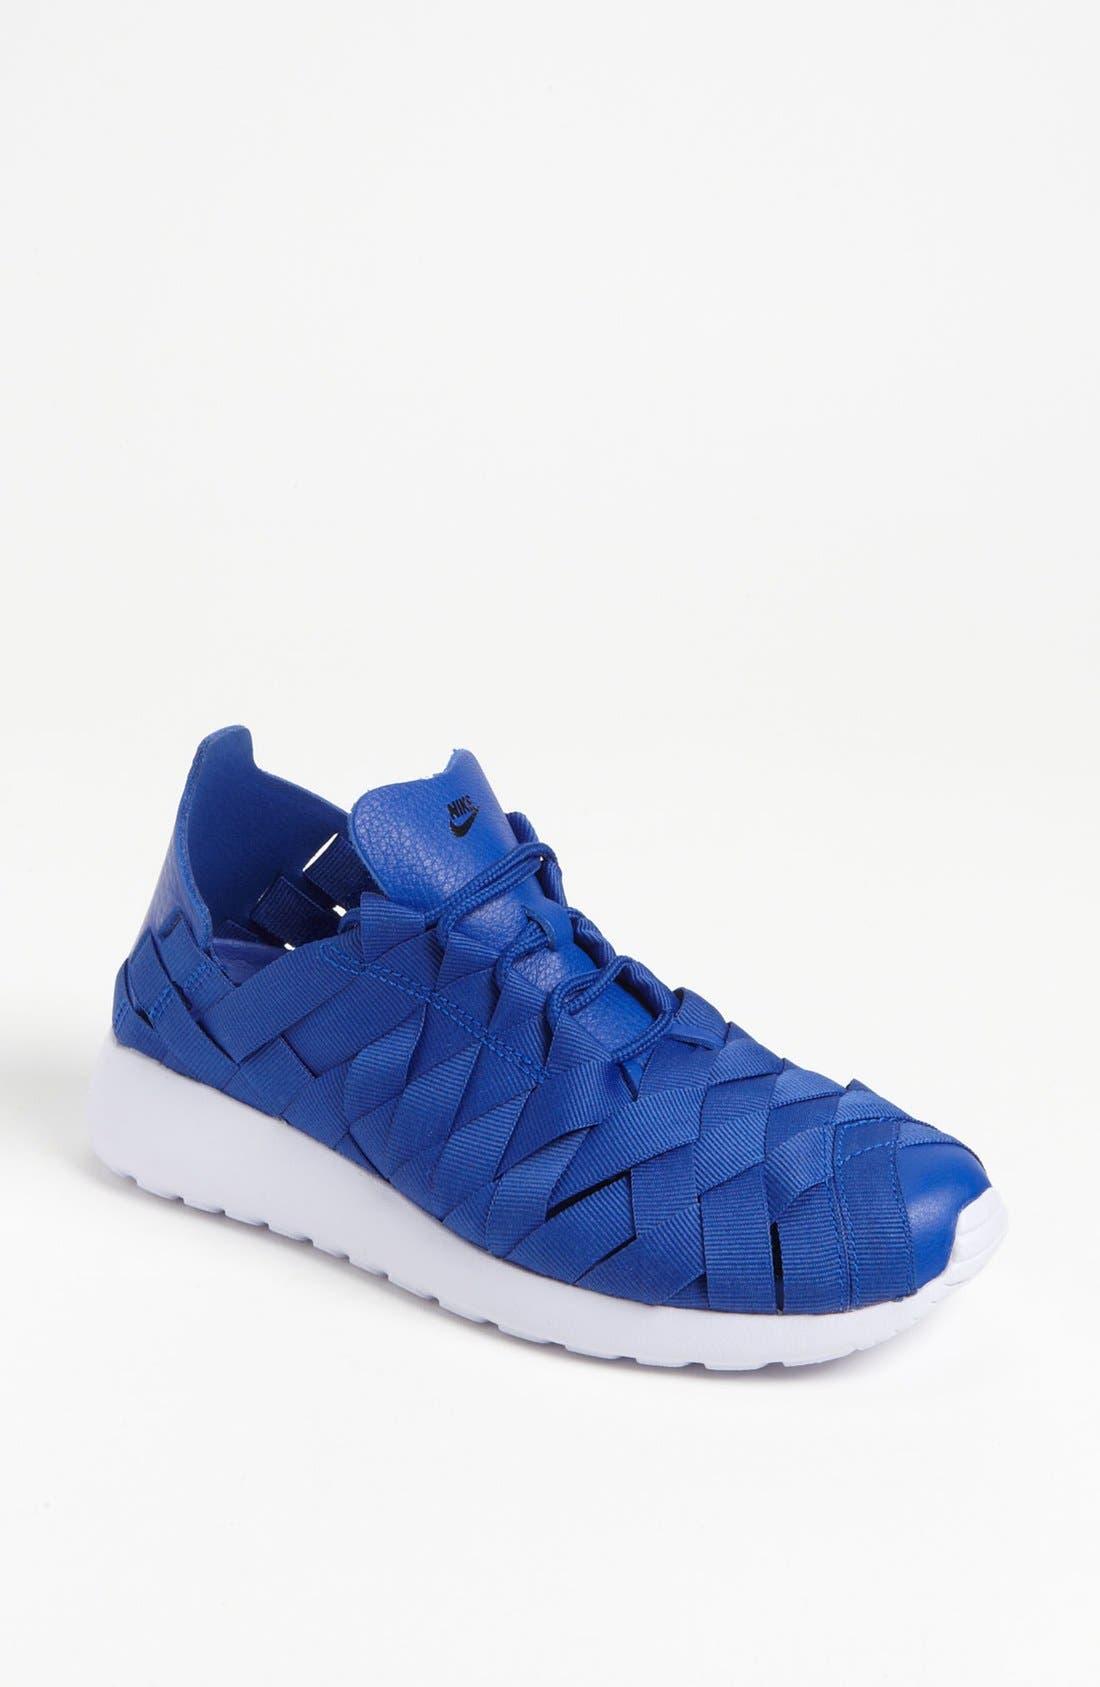 Main Image - Nike 'Roshe Run' Woven Sneaker (Women)